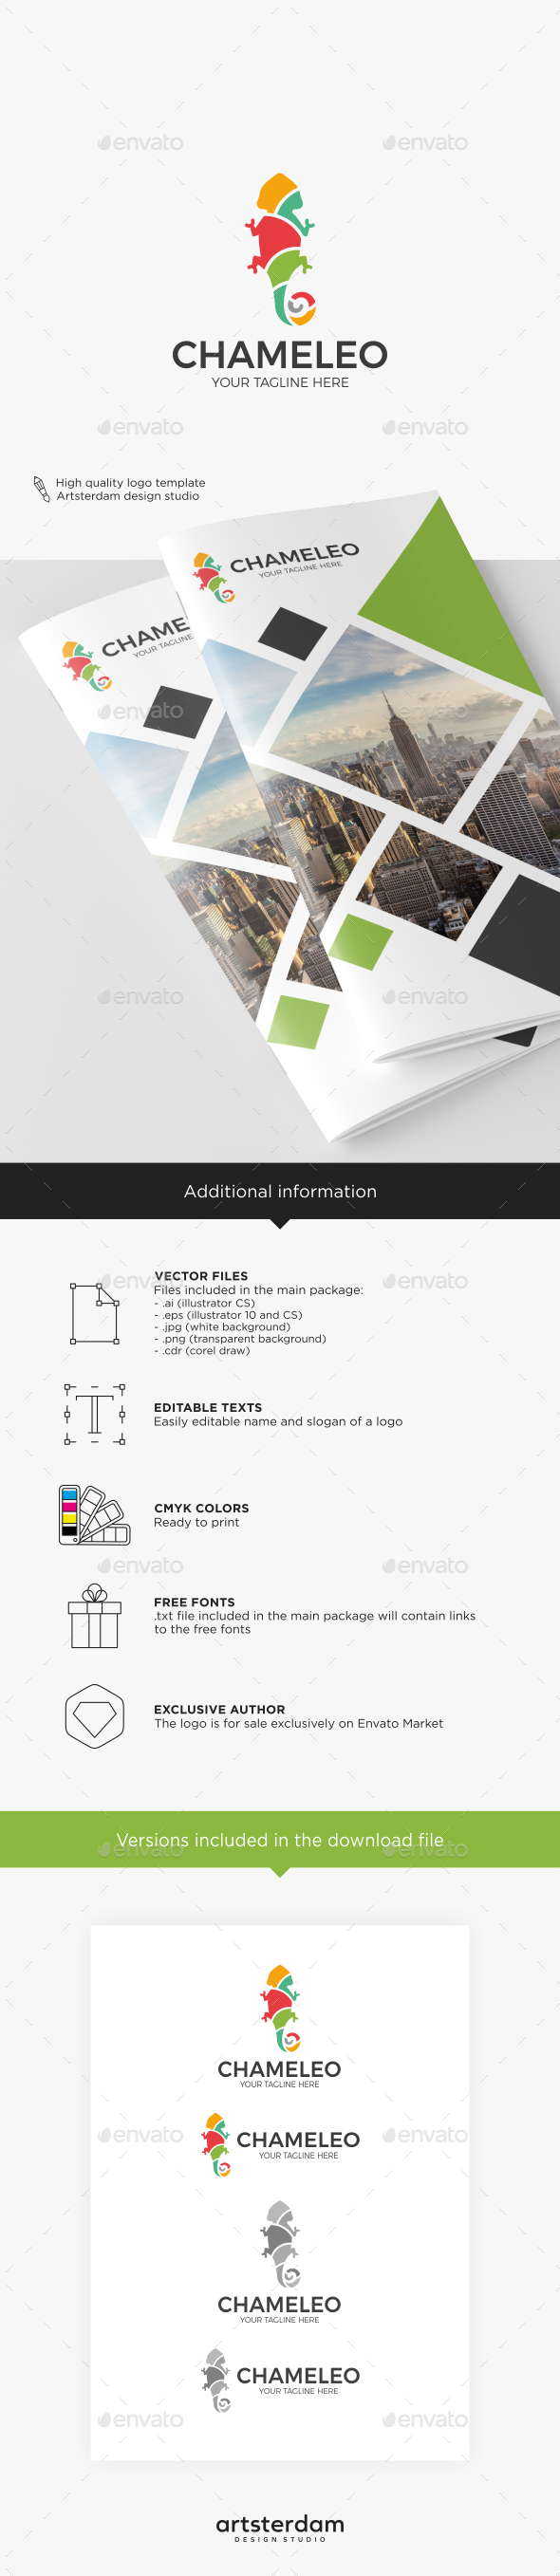 GraphicRiver Multicolored Chameleon Logo 20849053